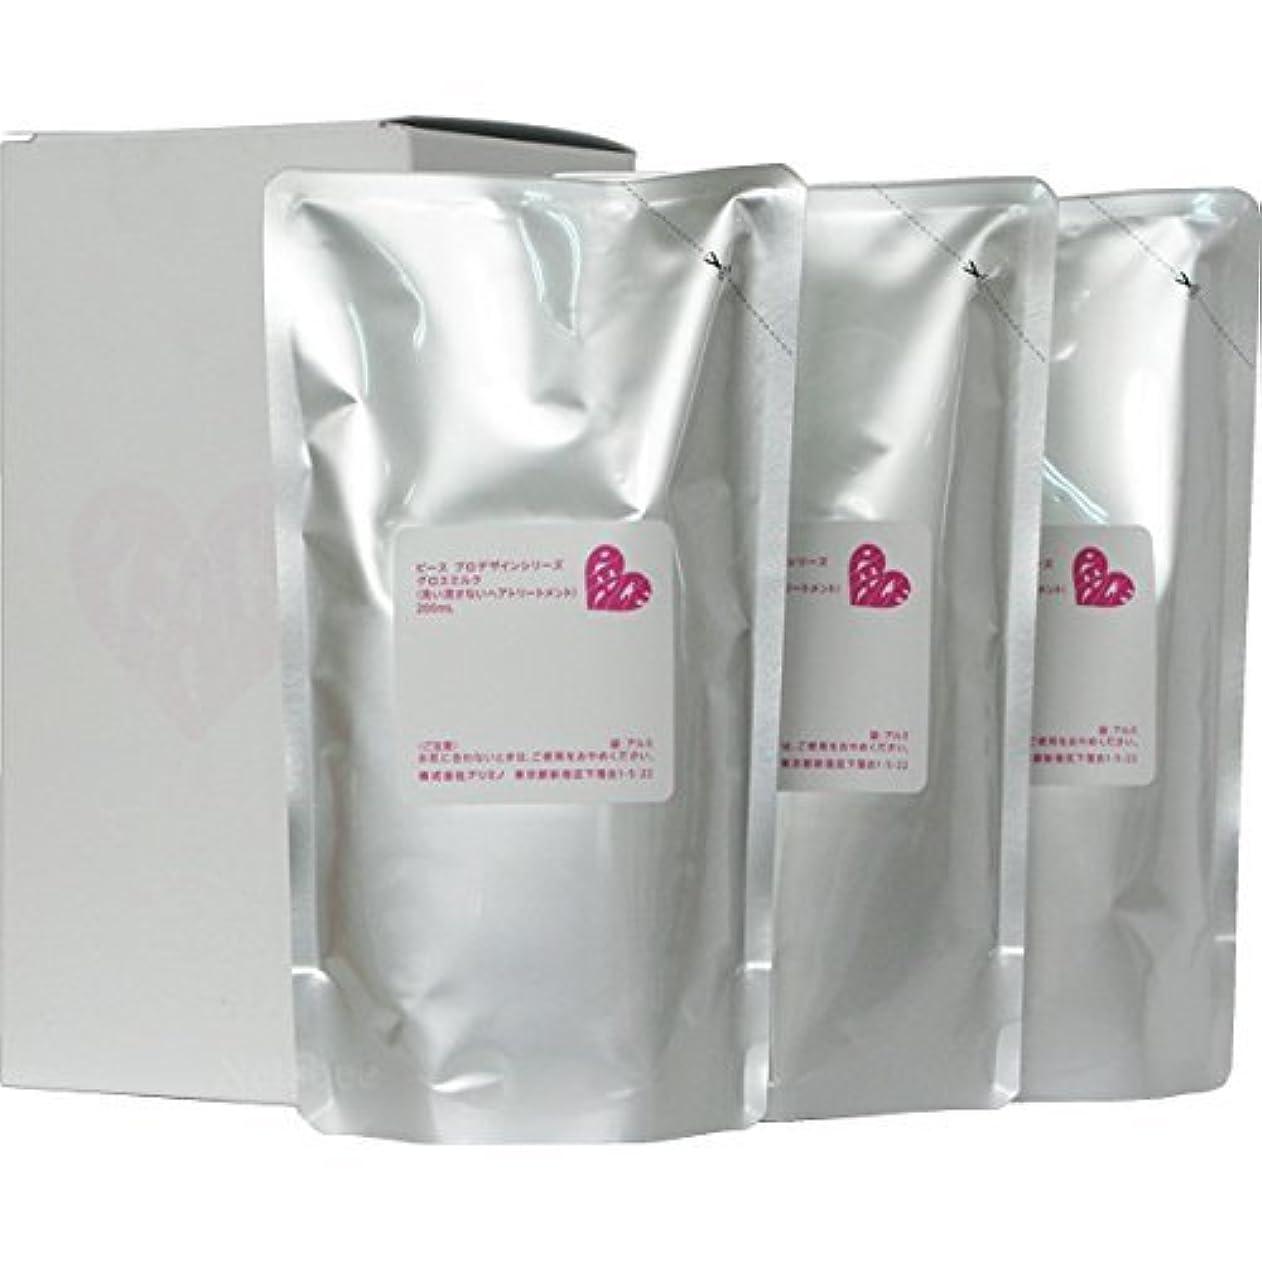 簡単に委任するスーパーピース プロデザインシリーズ グロスミルク ホワイト リフィル 200ml×3